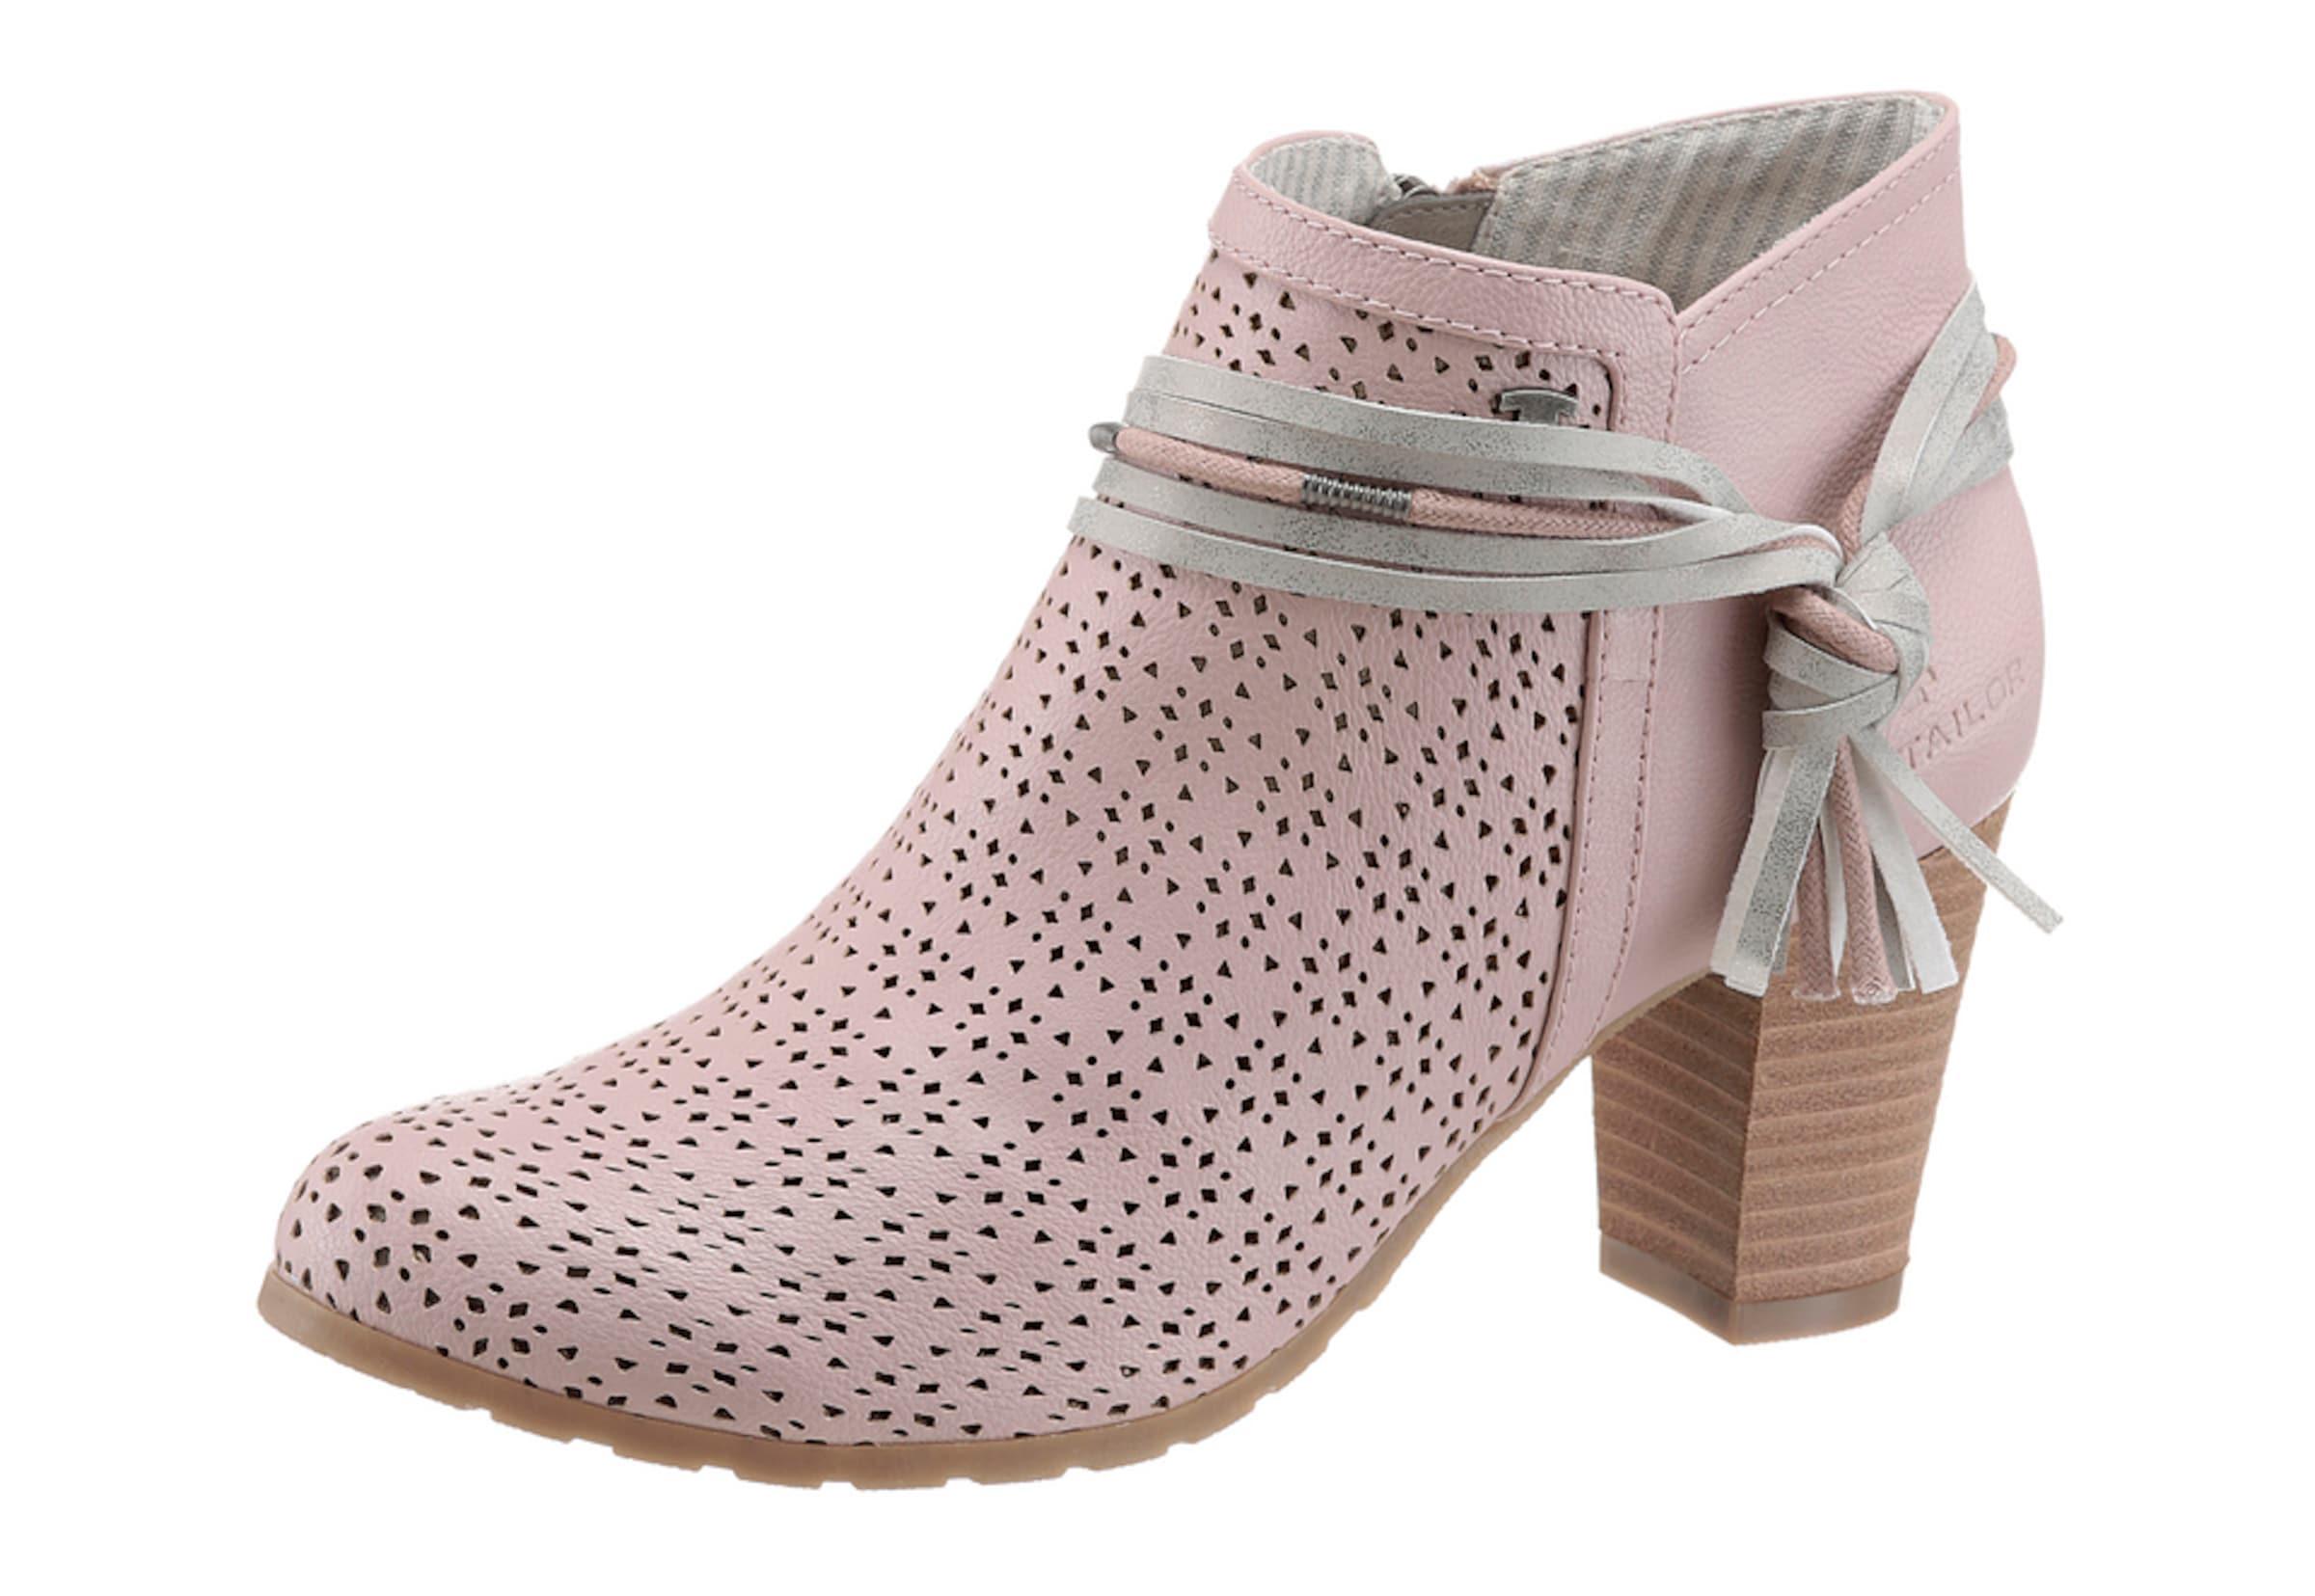 TOM TAILOR TAILOR TAILOR | Stiefelette mit modischer Prägung Schuhe Gut getragene Schuhe 0053ac